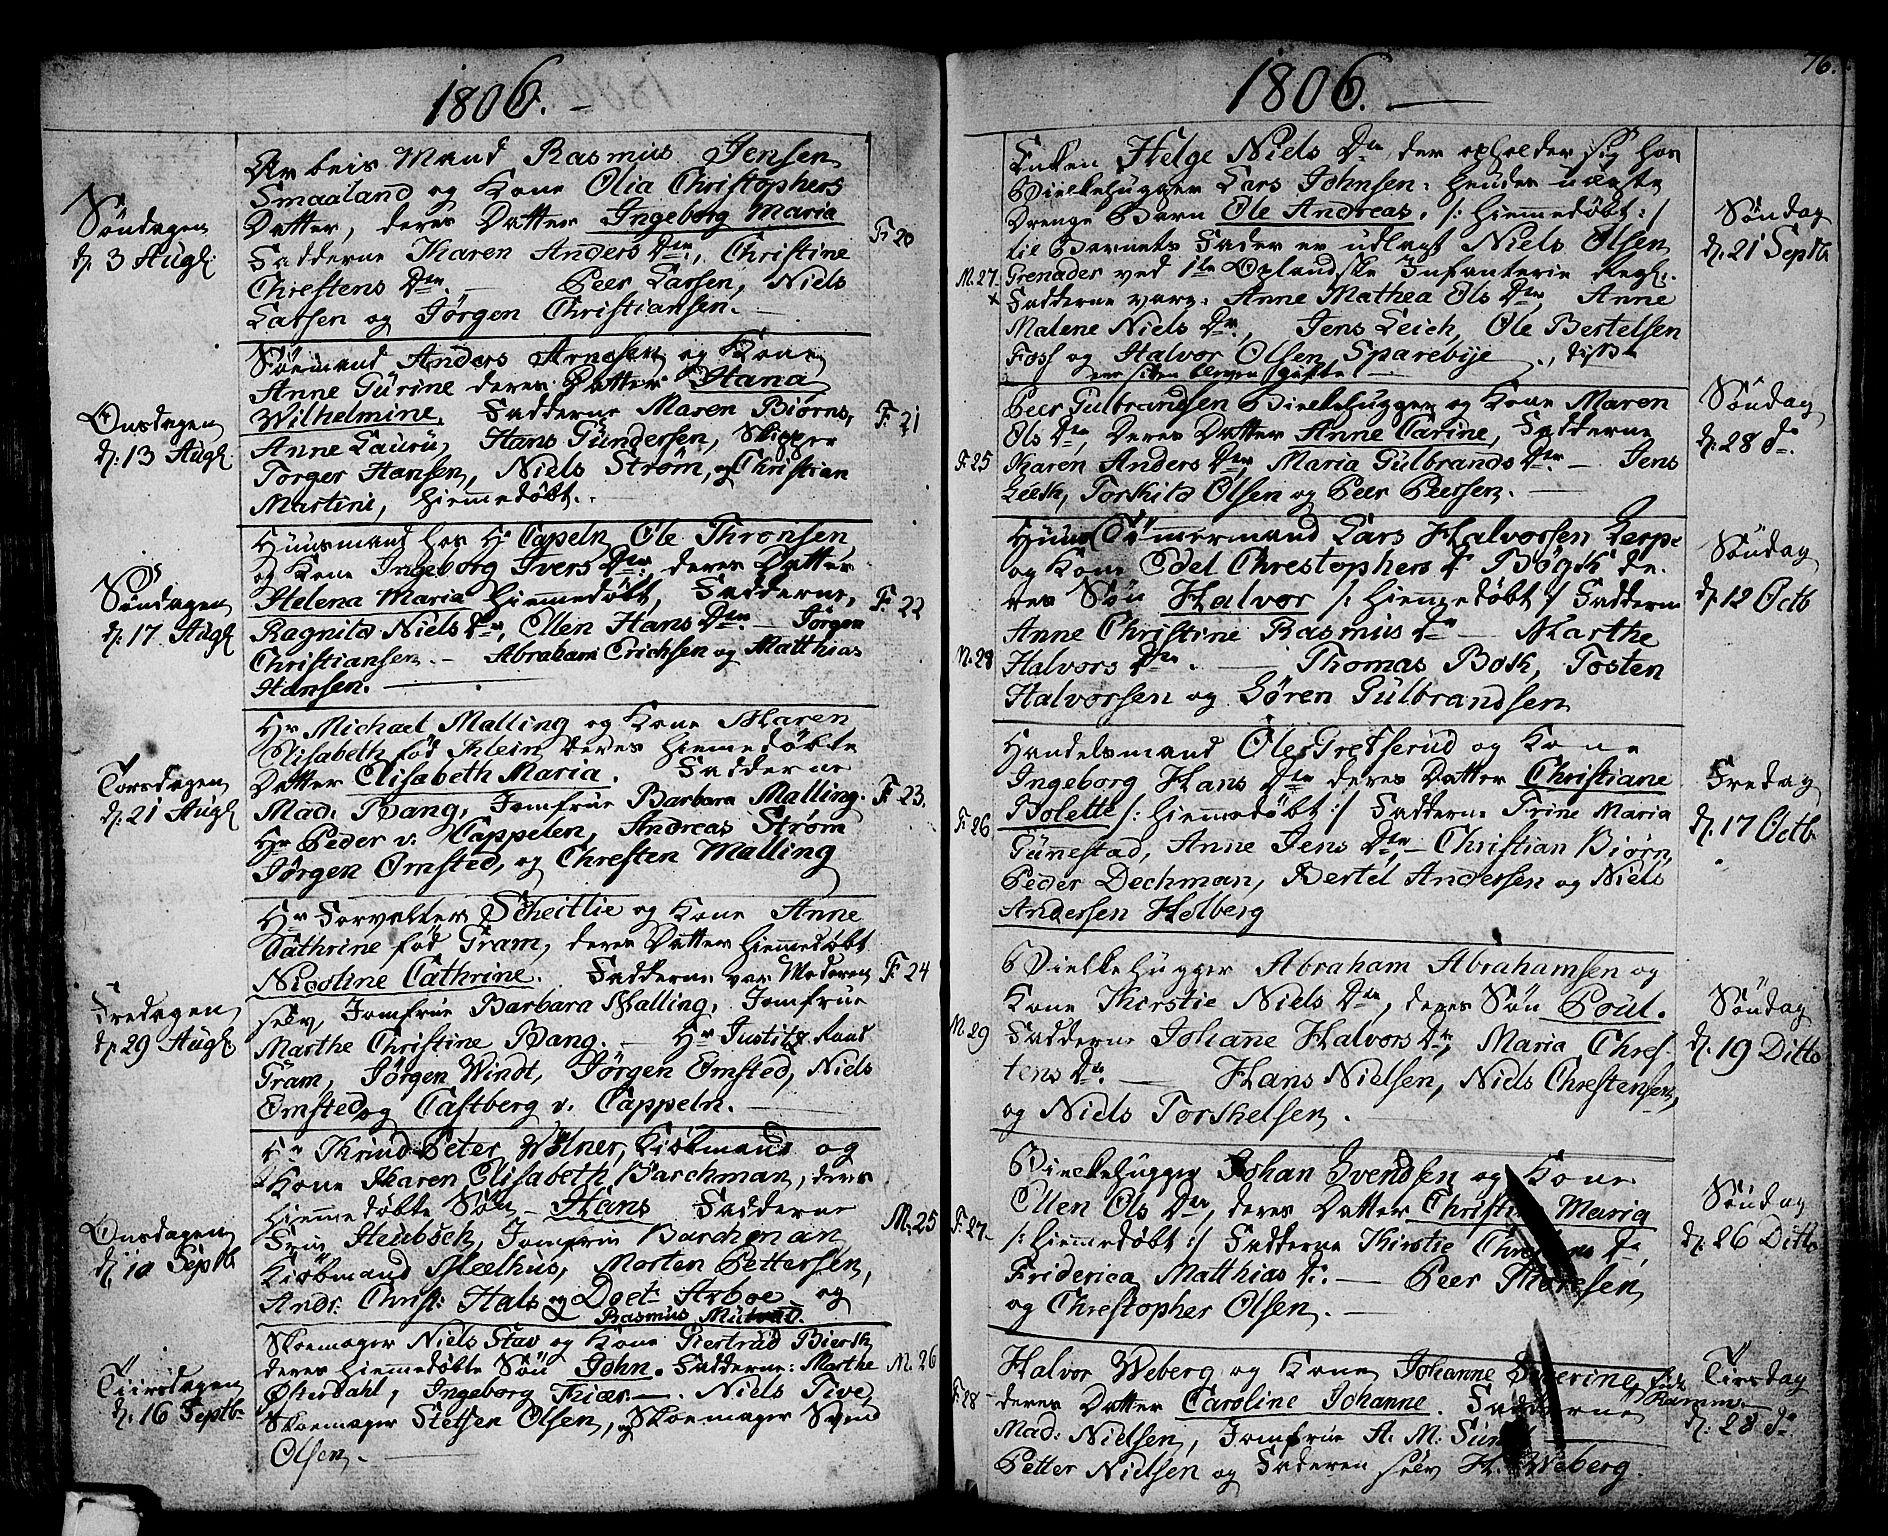 SAKO, Strømsø kirkebøker, F/Fa/L0010: Ministerialbok nr. I 10, 1792-1822, s. 76